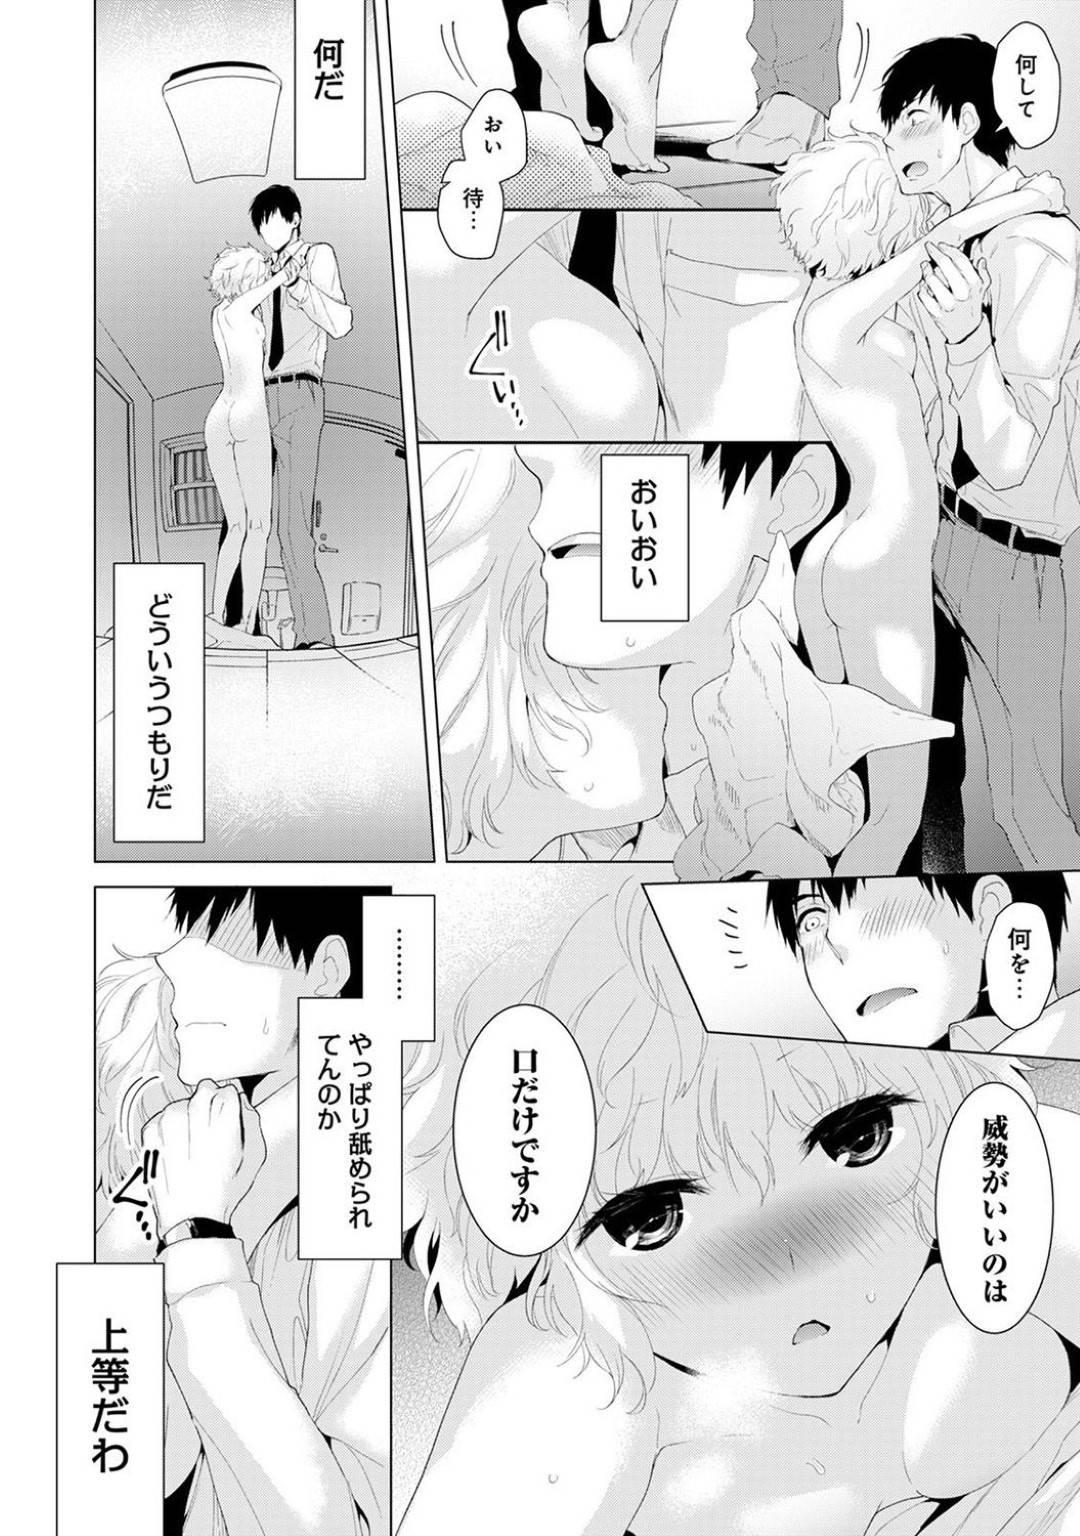 【エロ漫画】見知らぬ主人公の家で暮らす事になったホームレス娘…うっかり彼が彼女の裸姿を見てしまったことがきっかけで、エッチな雰囲気になった二人はディープキスし合った後、手コキや手マンでお互いを愛撫して正常位で中出しセックス。【シイナ:ノラネコ少女との暮らしかた 第一話】